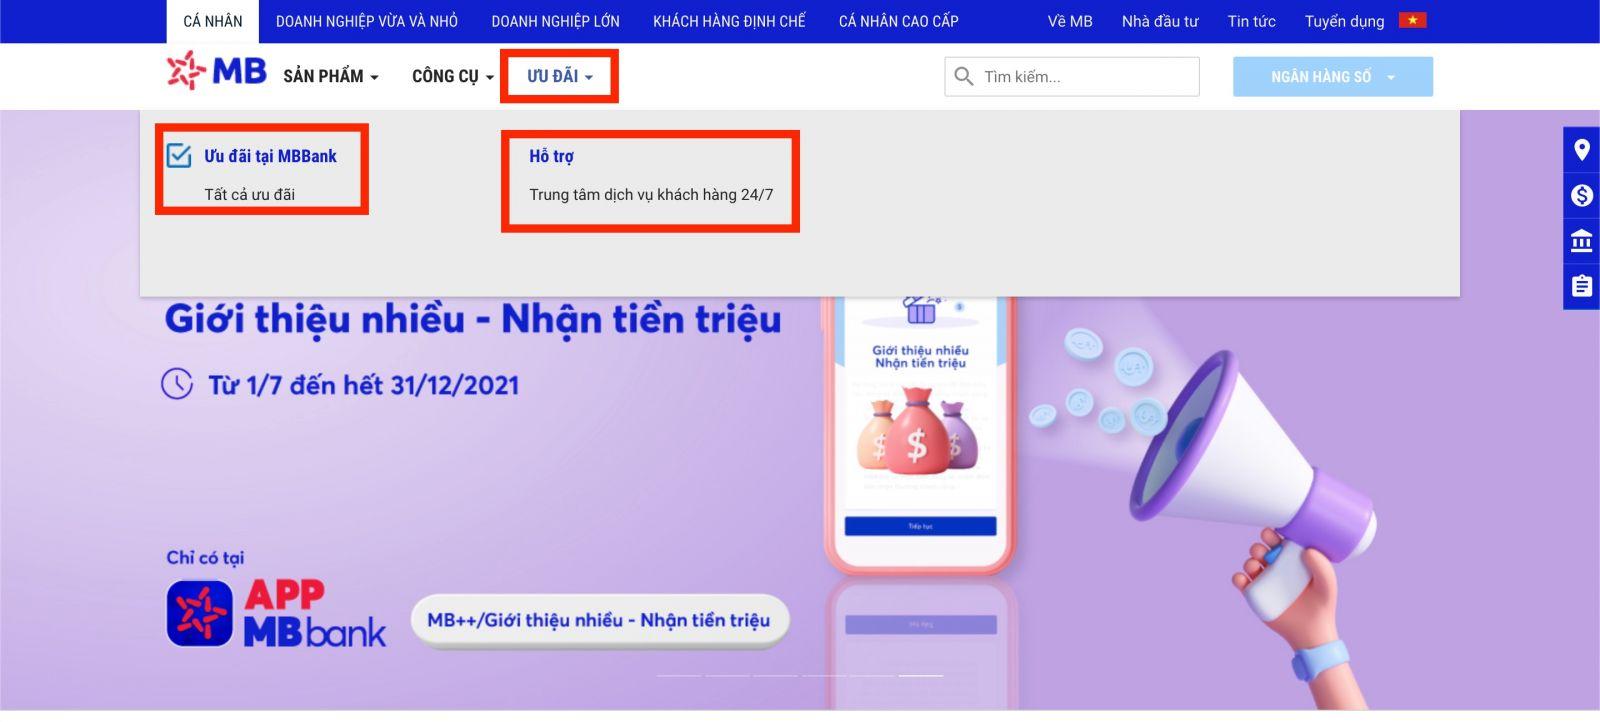 CSKH trên website chính thức MB bank